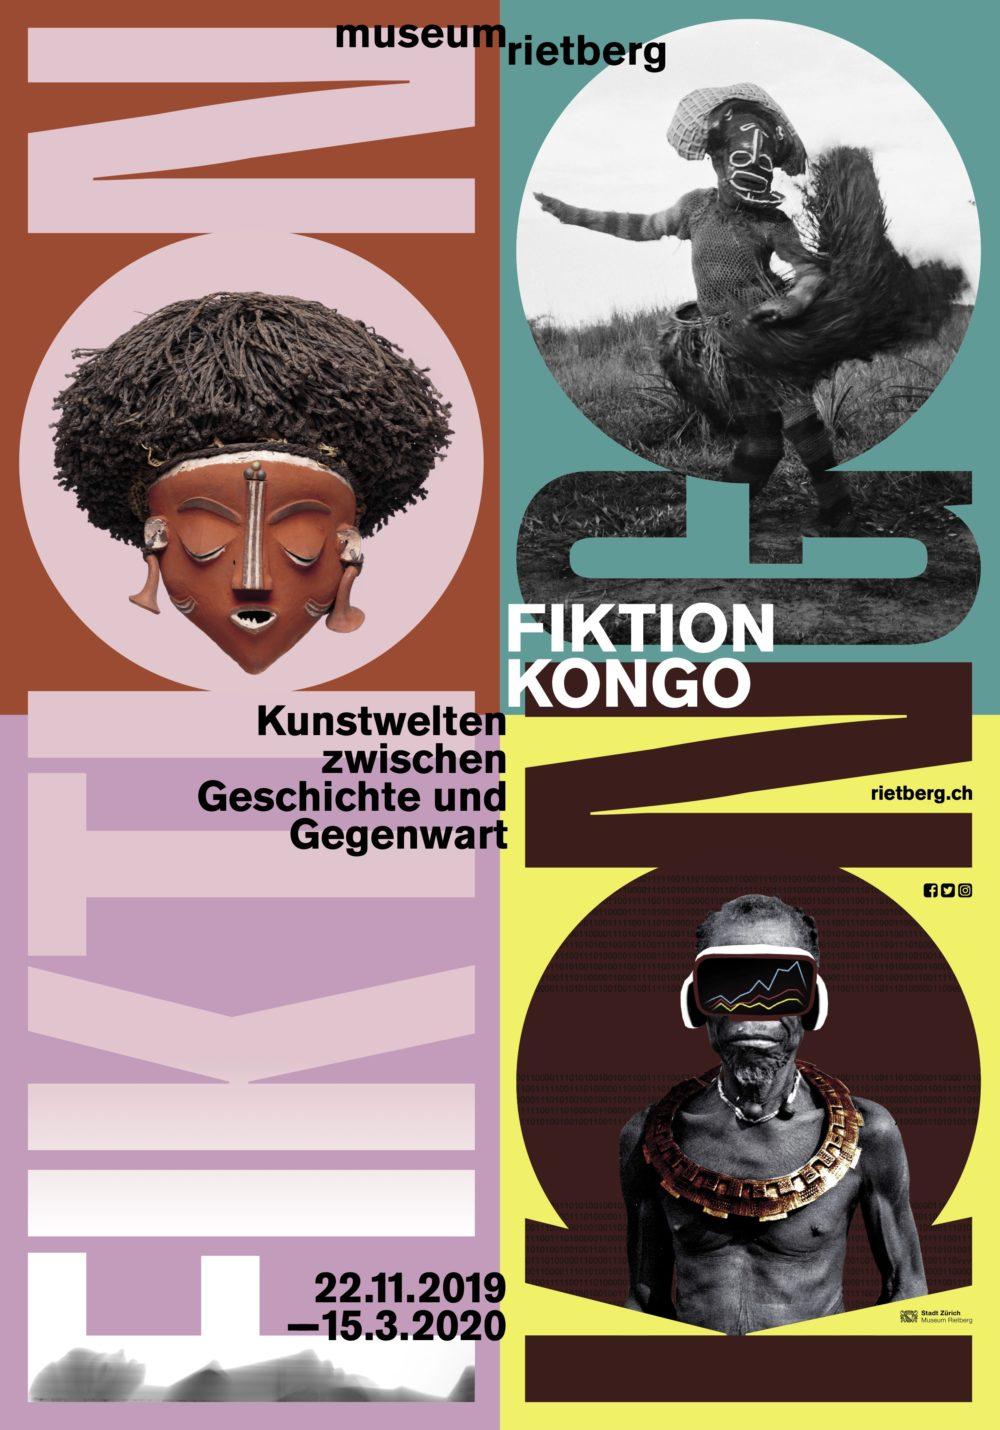 Fiktion Kongo - Austellungsposter © Museum Rietberg